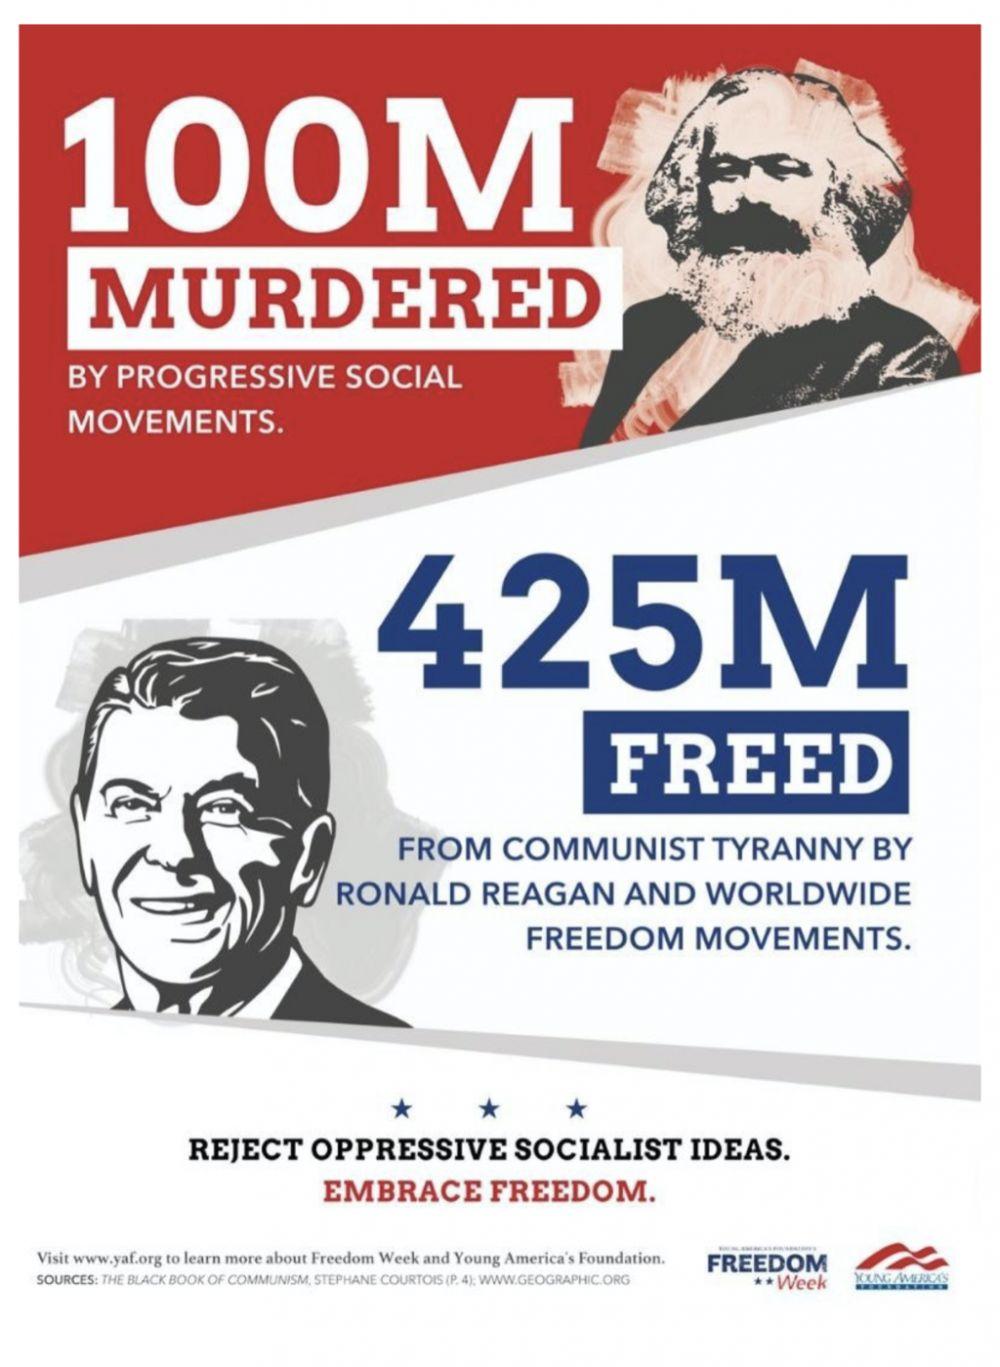 Socialism or Freedom?